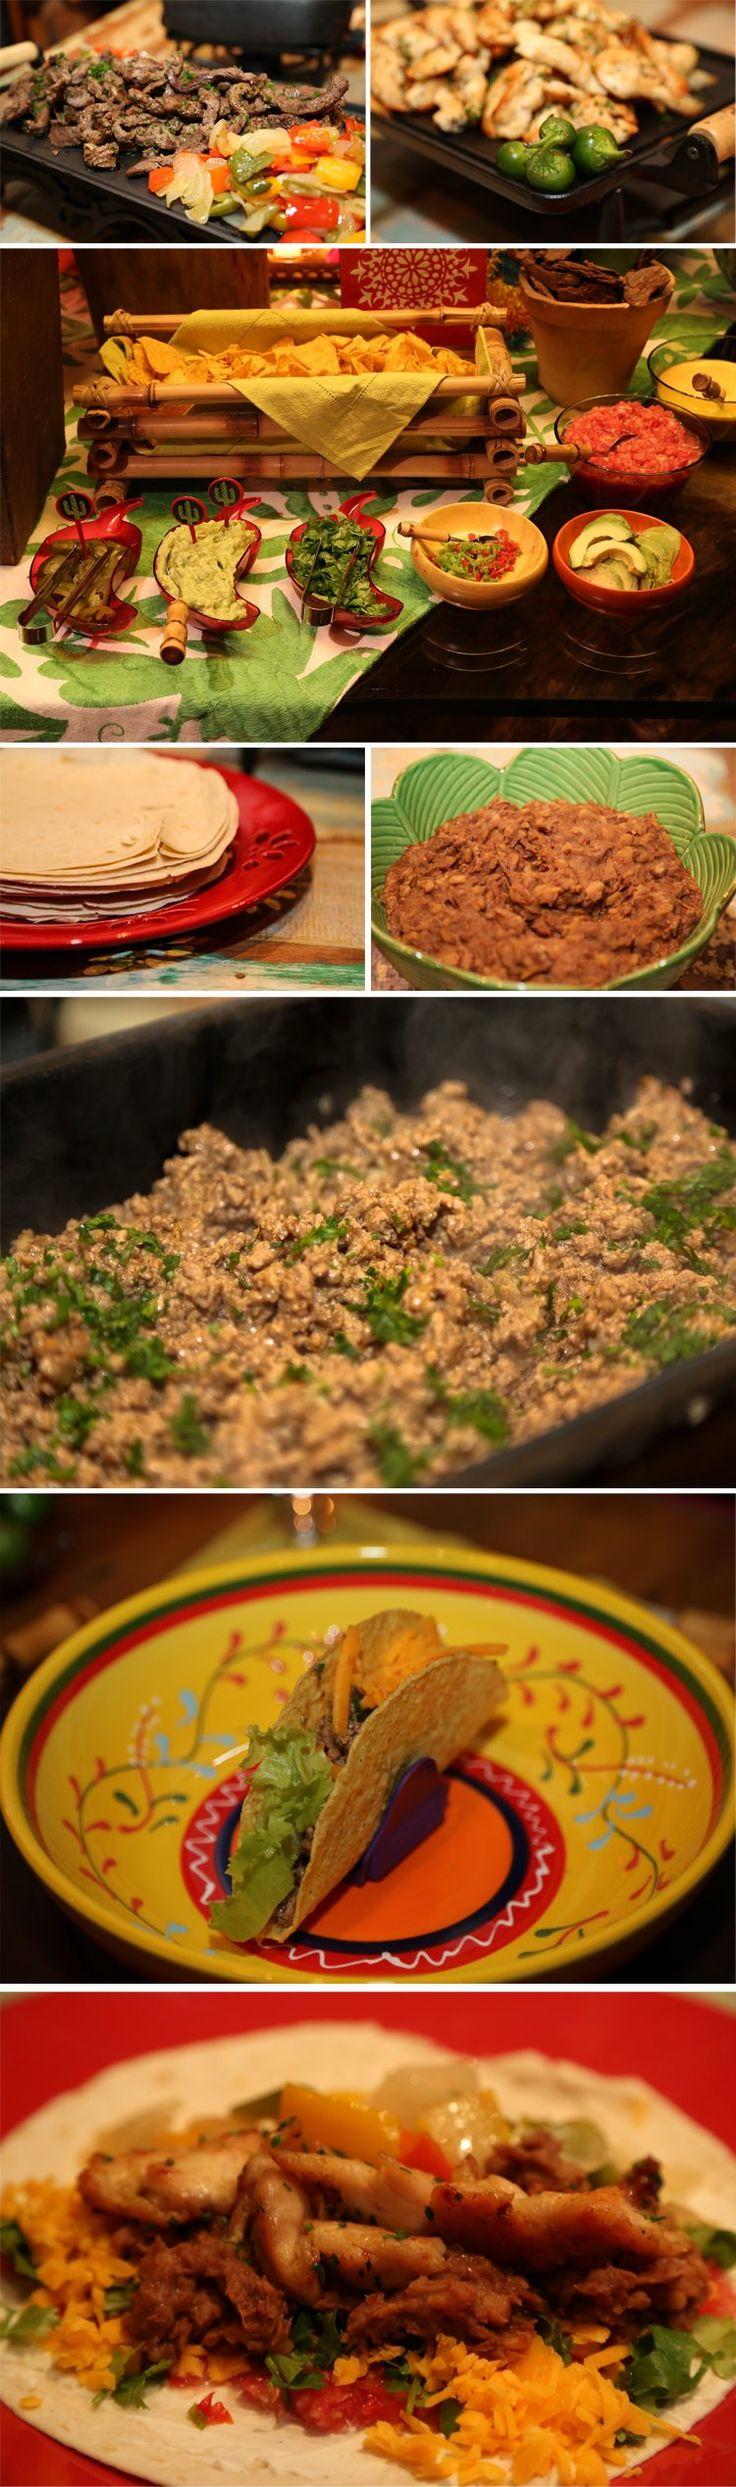 jantar_mexicano_21_comida                                                                                                                                                      Mais